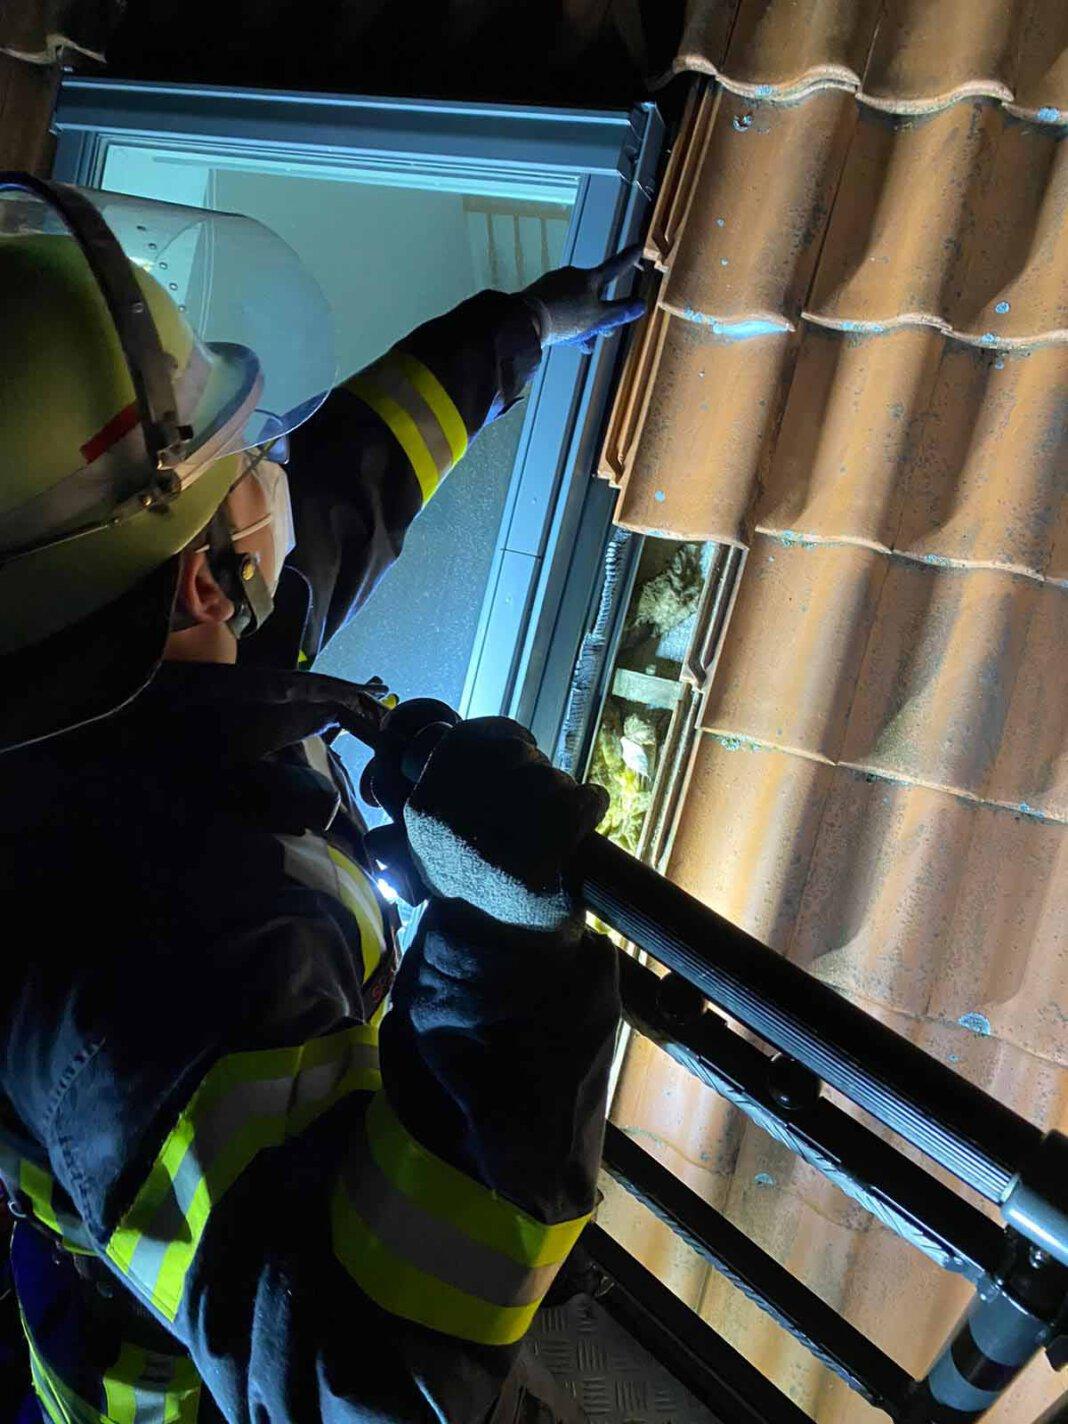 Die Feuerwehr musste am Mittwochabend herabfallende Dachpfannen sichern. Foto: Feuerwehr Werne